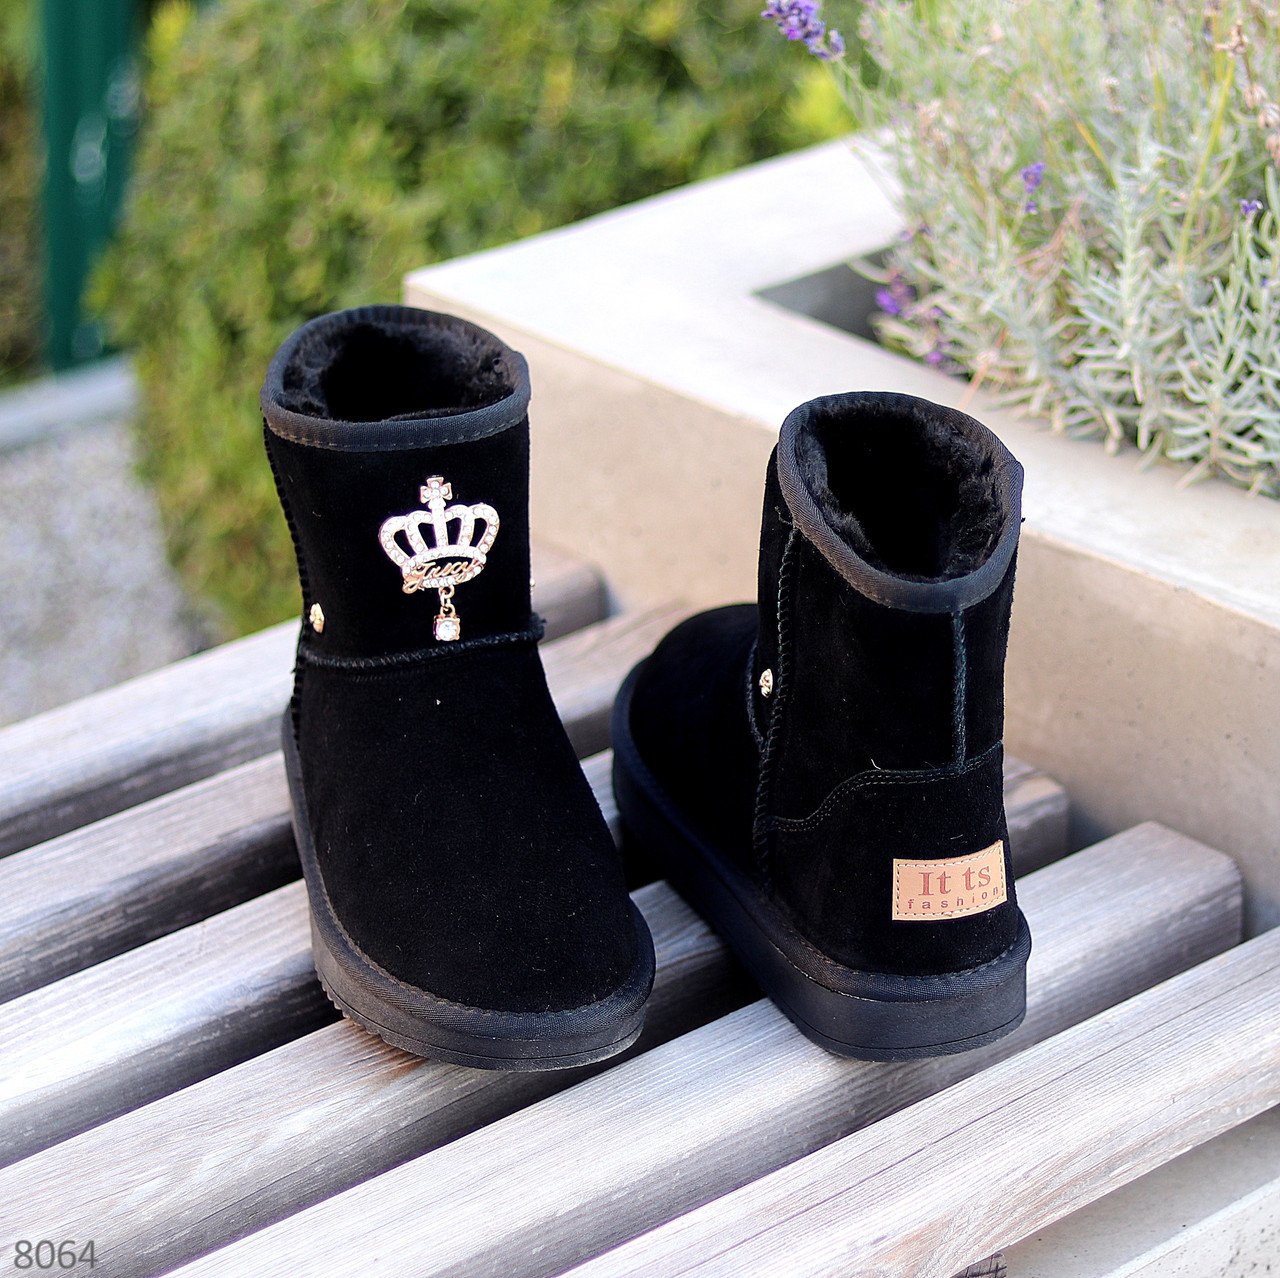 Модельні чорні жіночі замшеві уггі натуральна замша з декором корона